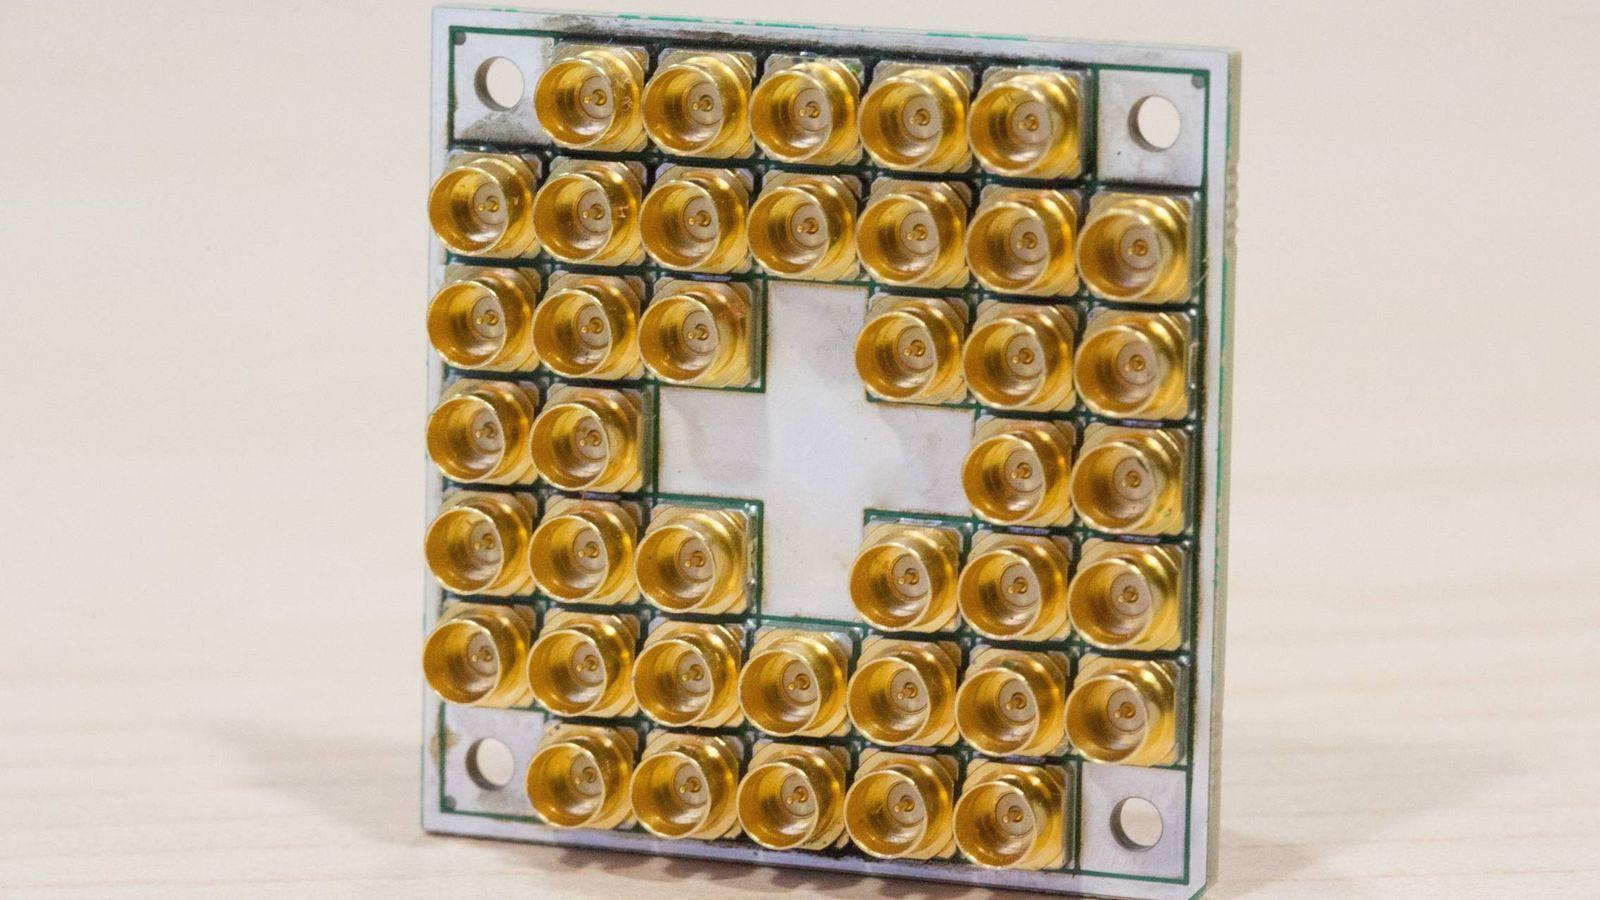 Foto: Un chip superconductor de 17 Qubits presentado en 2017 (Intel)